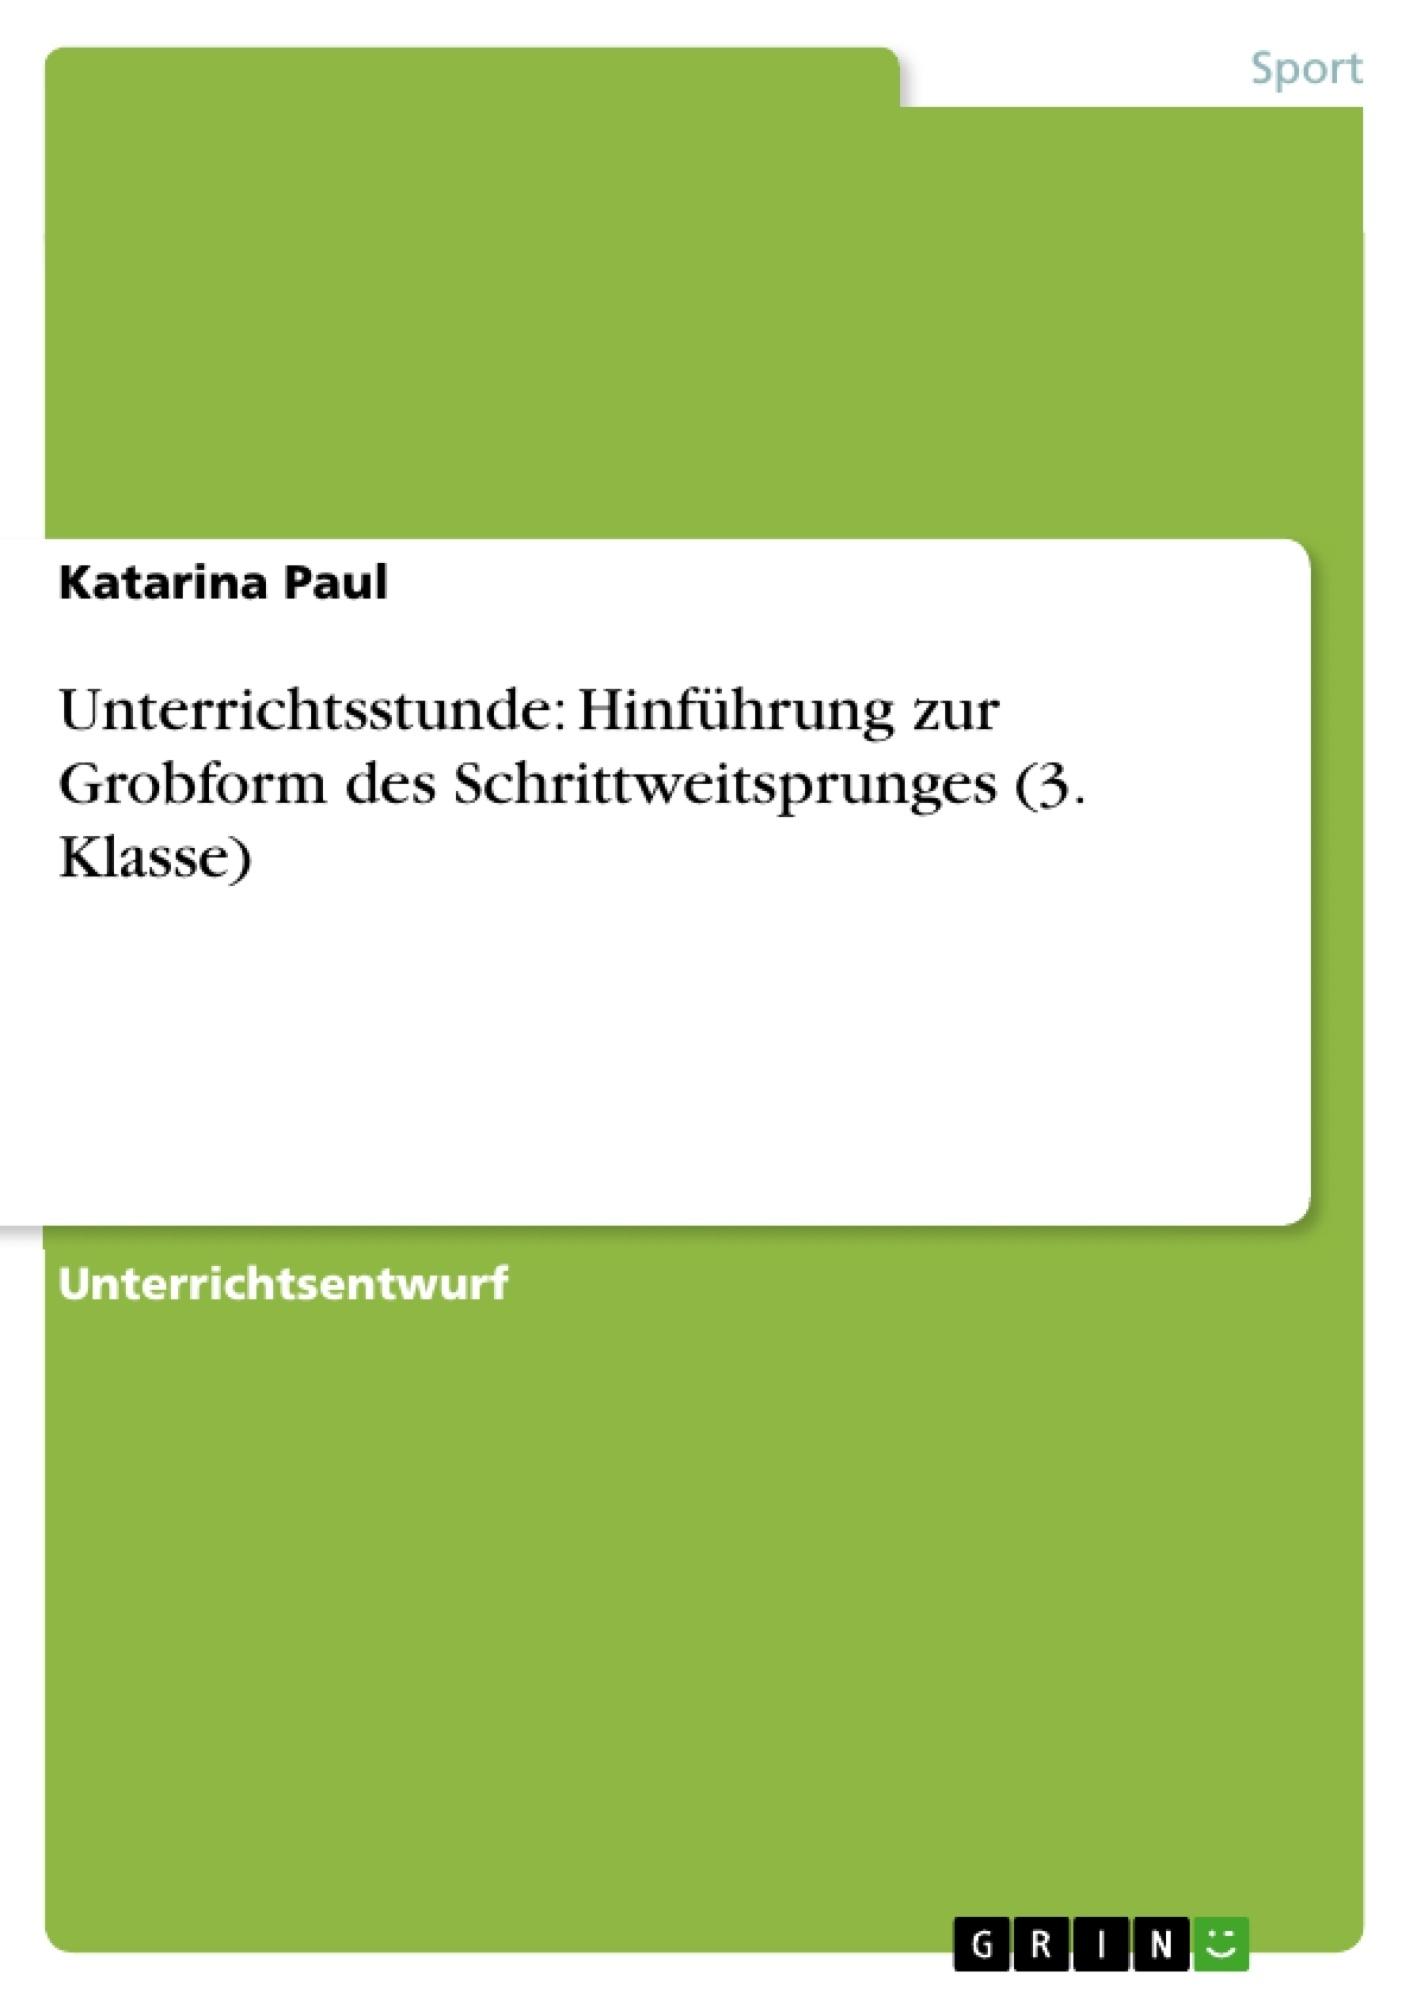 Titel: Unterrichtsstunde: Hinführung zur Grobform des Schrittweitsprunges (3. Klasse)